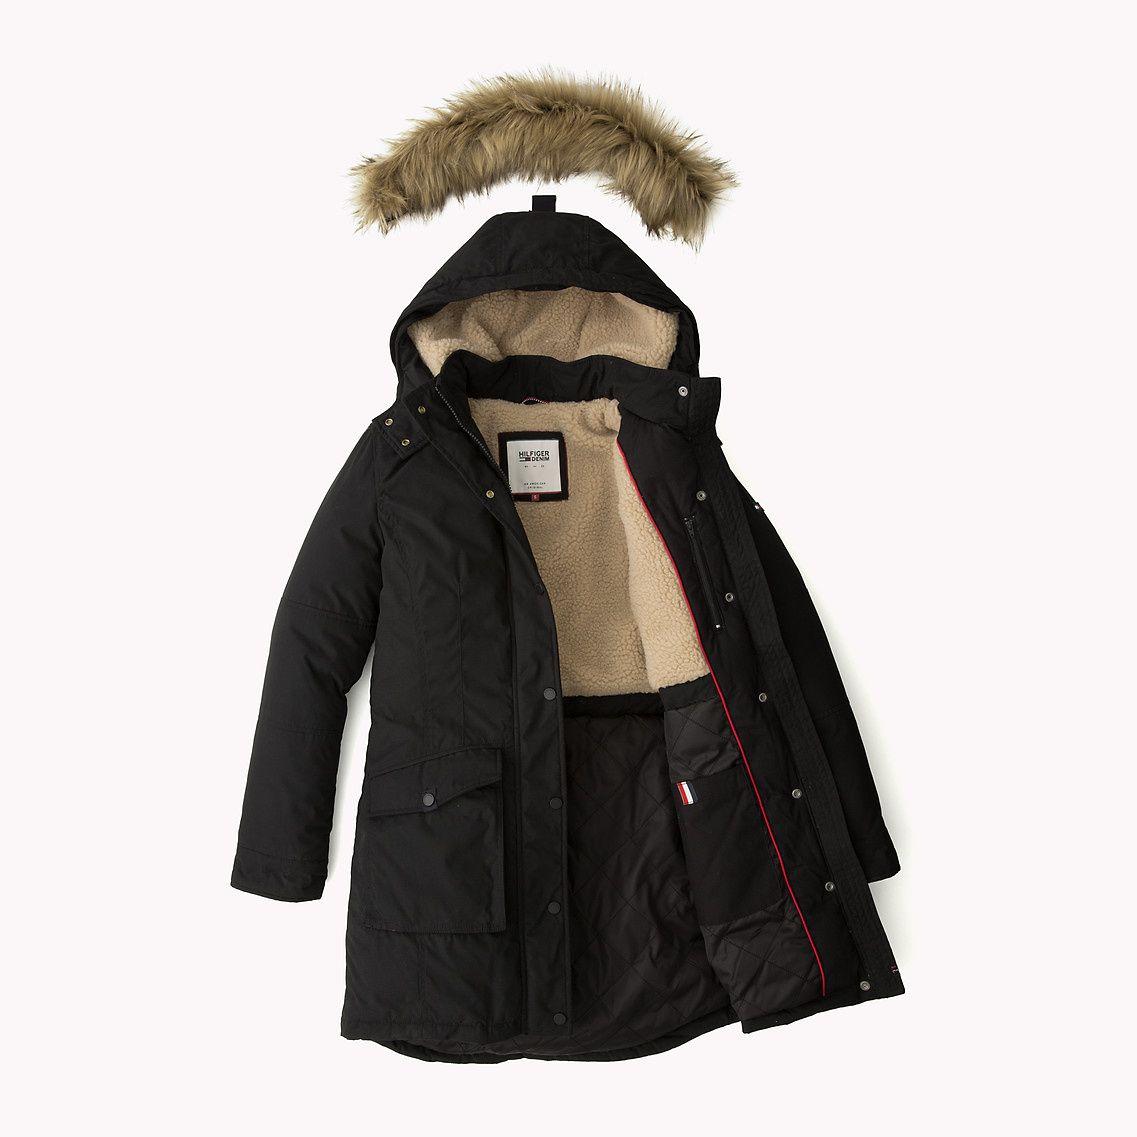 Shoppen Sie Daunenparka Und Erkunden Sie Die Tommy Hilfiger Parka Fur Damen Kostenlose Lieferung Retouren 8 Canada Goose Jackets Winter Jackets Winter Sale